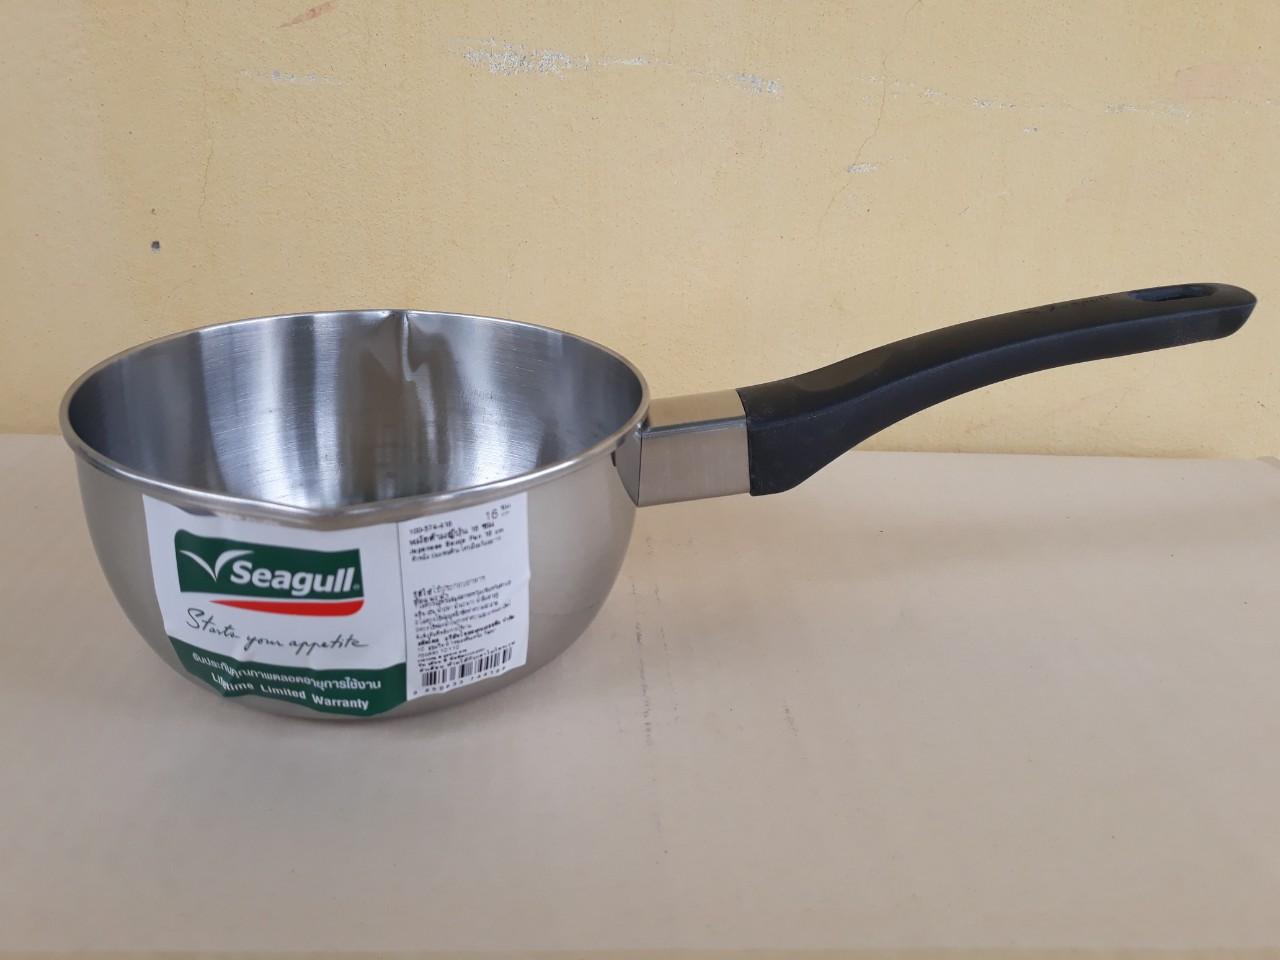 Nồi nấu có tay cầm không nắp seagull 16cm - 1.2 lít (Japanese) - dùng được cho bếp từ 100374416